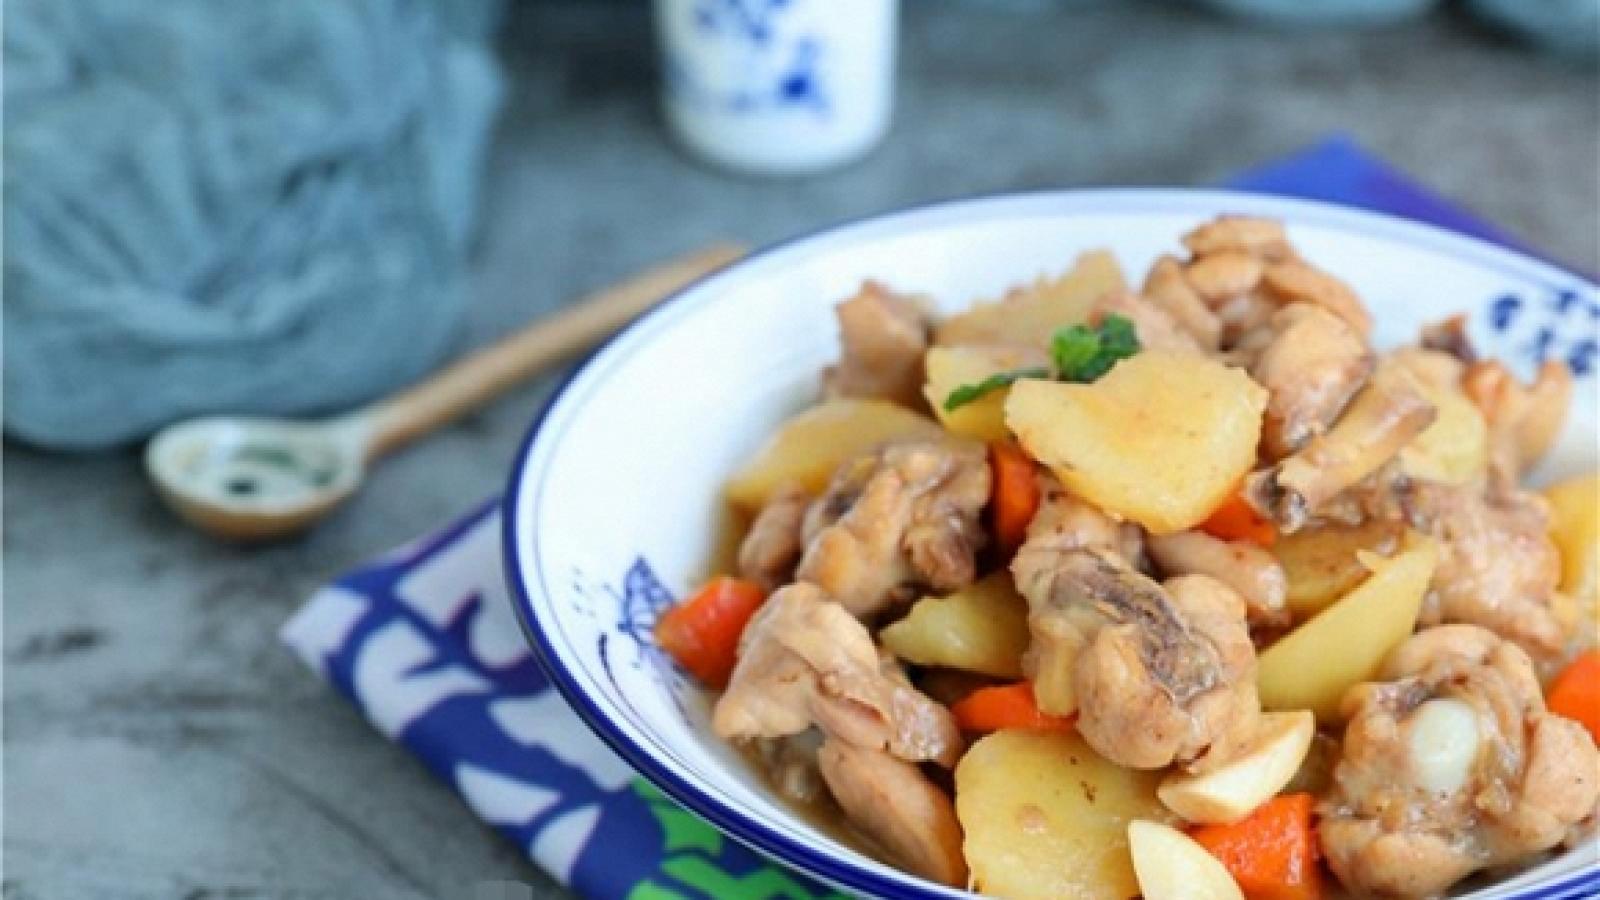 Cách làm món gà hầm khoai tây và cà rốt cho bữa cơm gia đình thêm bổ dưỡng